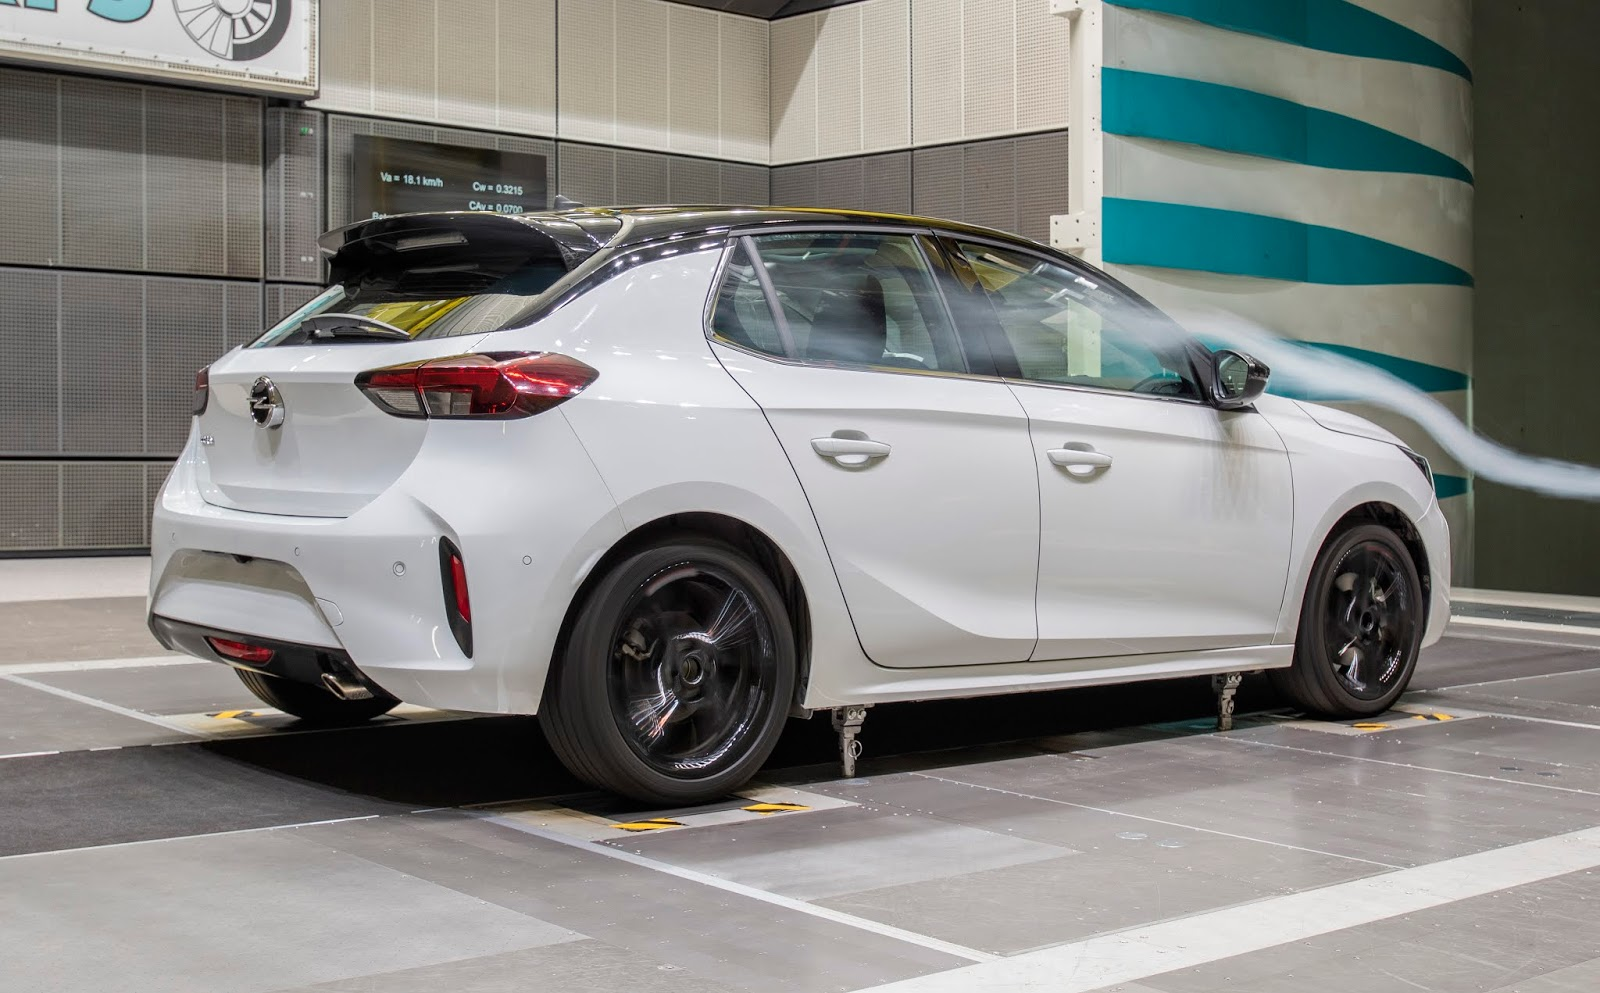 2019 - [Opel] Corsa F [P2JO] - Page 13 2019-opel-aerodynamic-507977